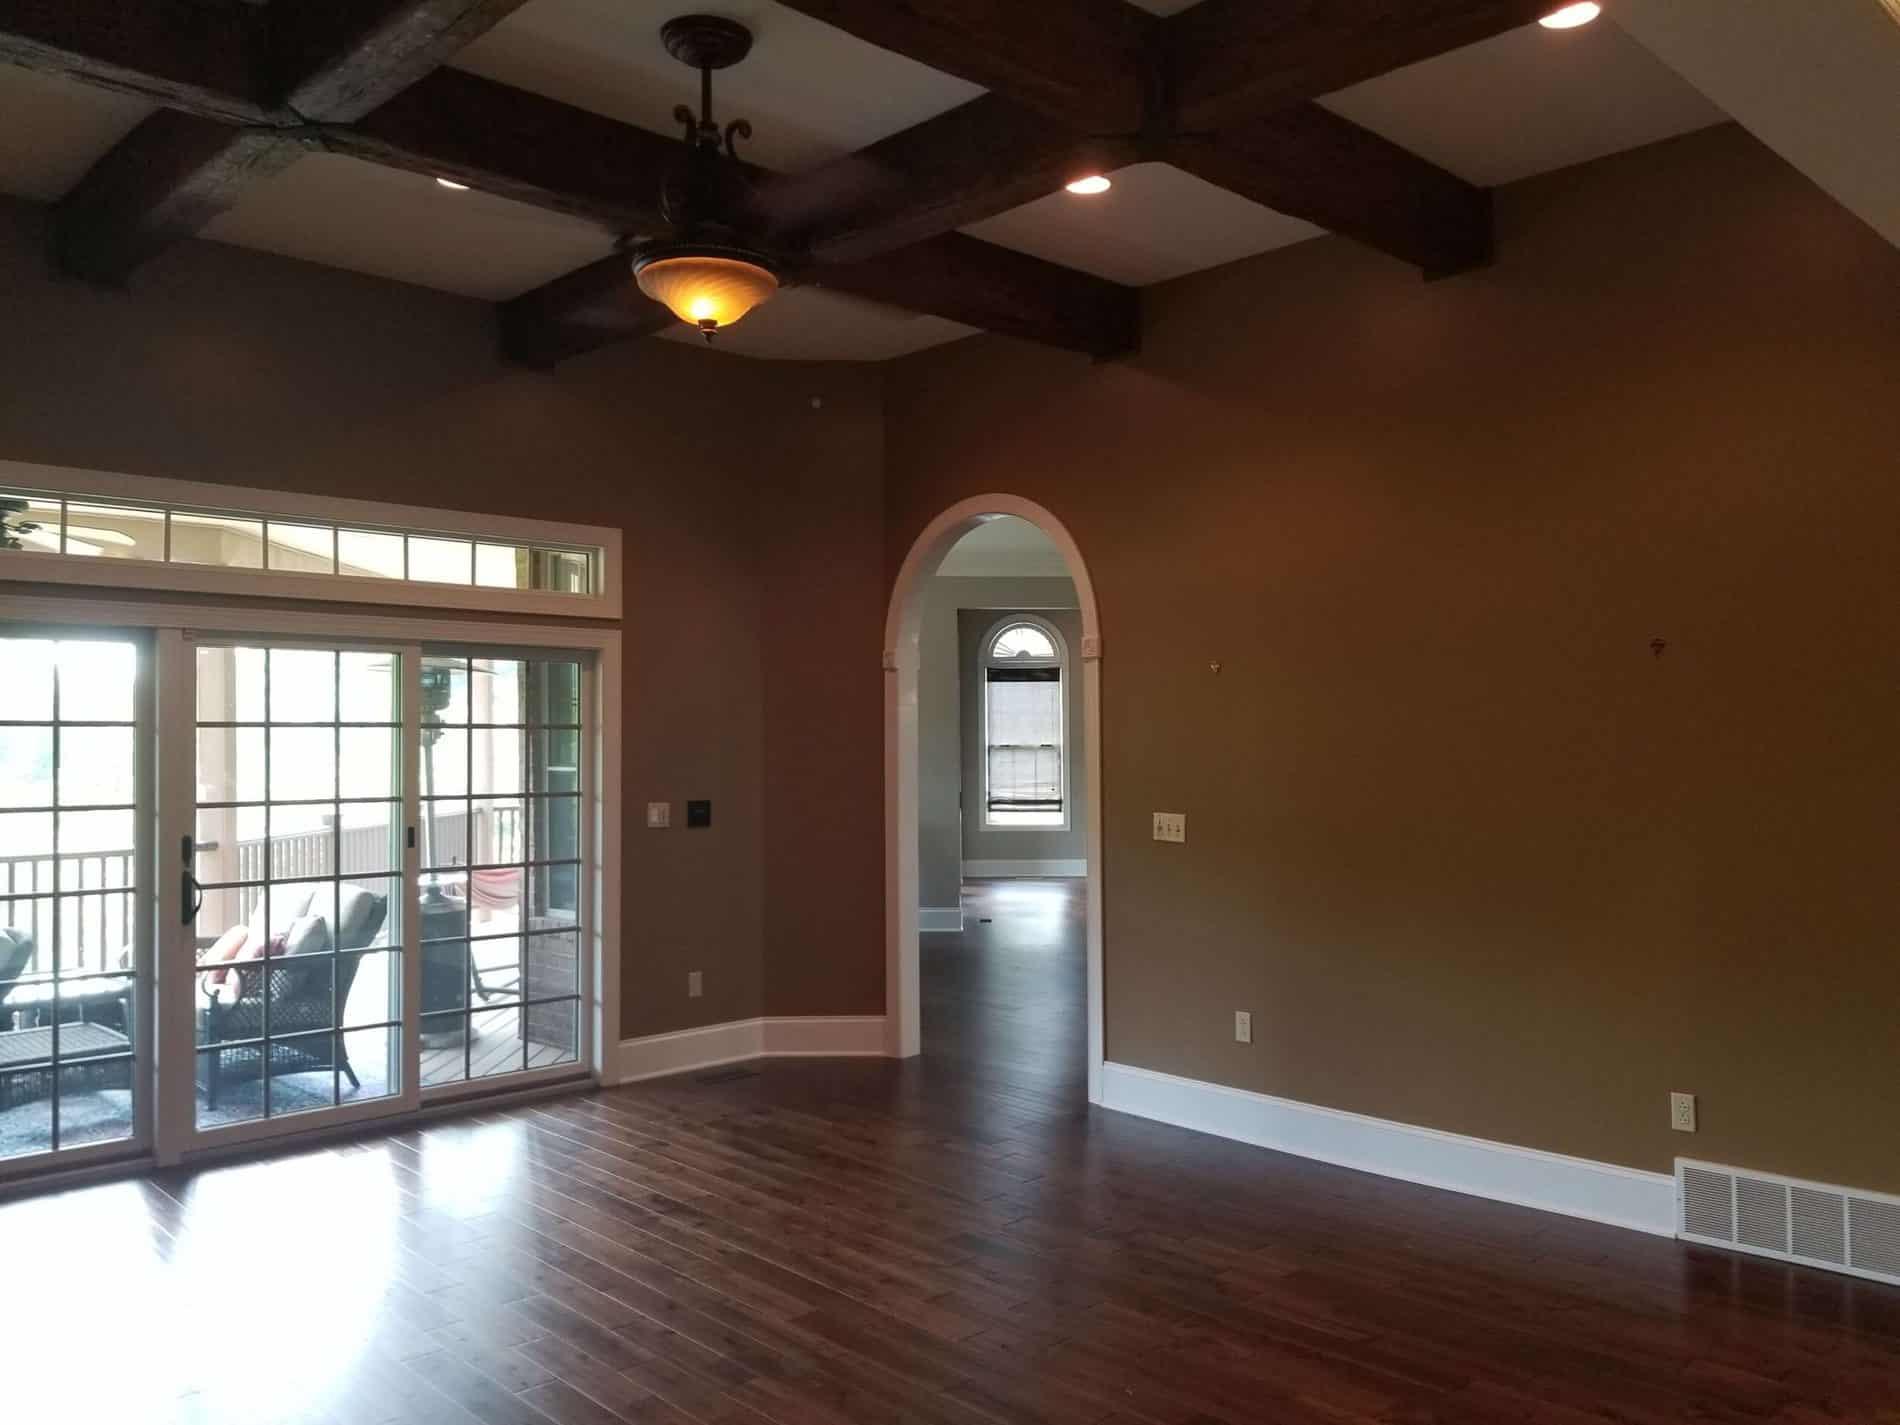 Living room flooring restoration after water damage